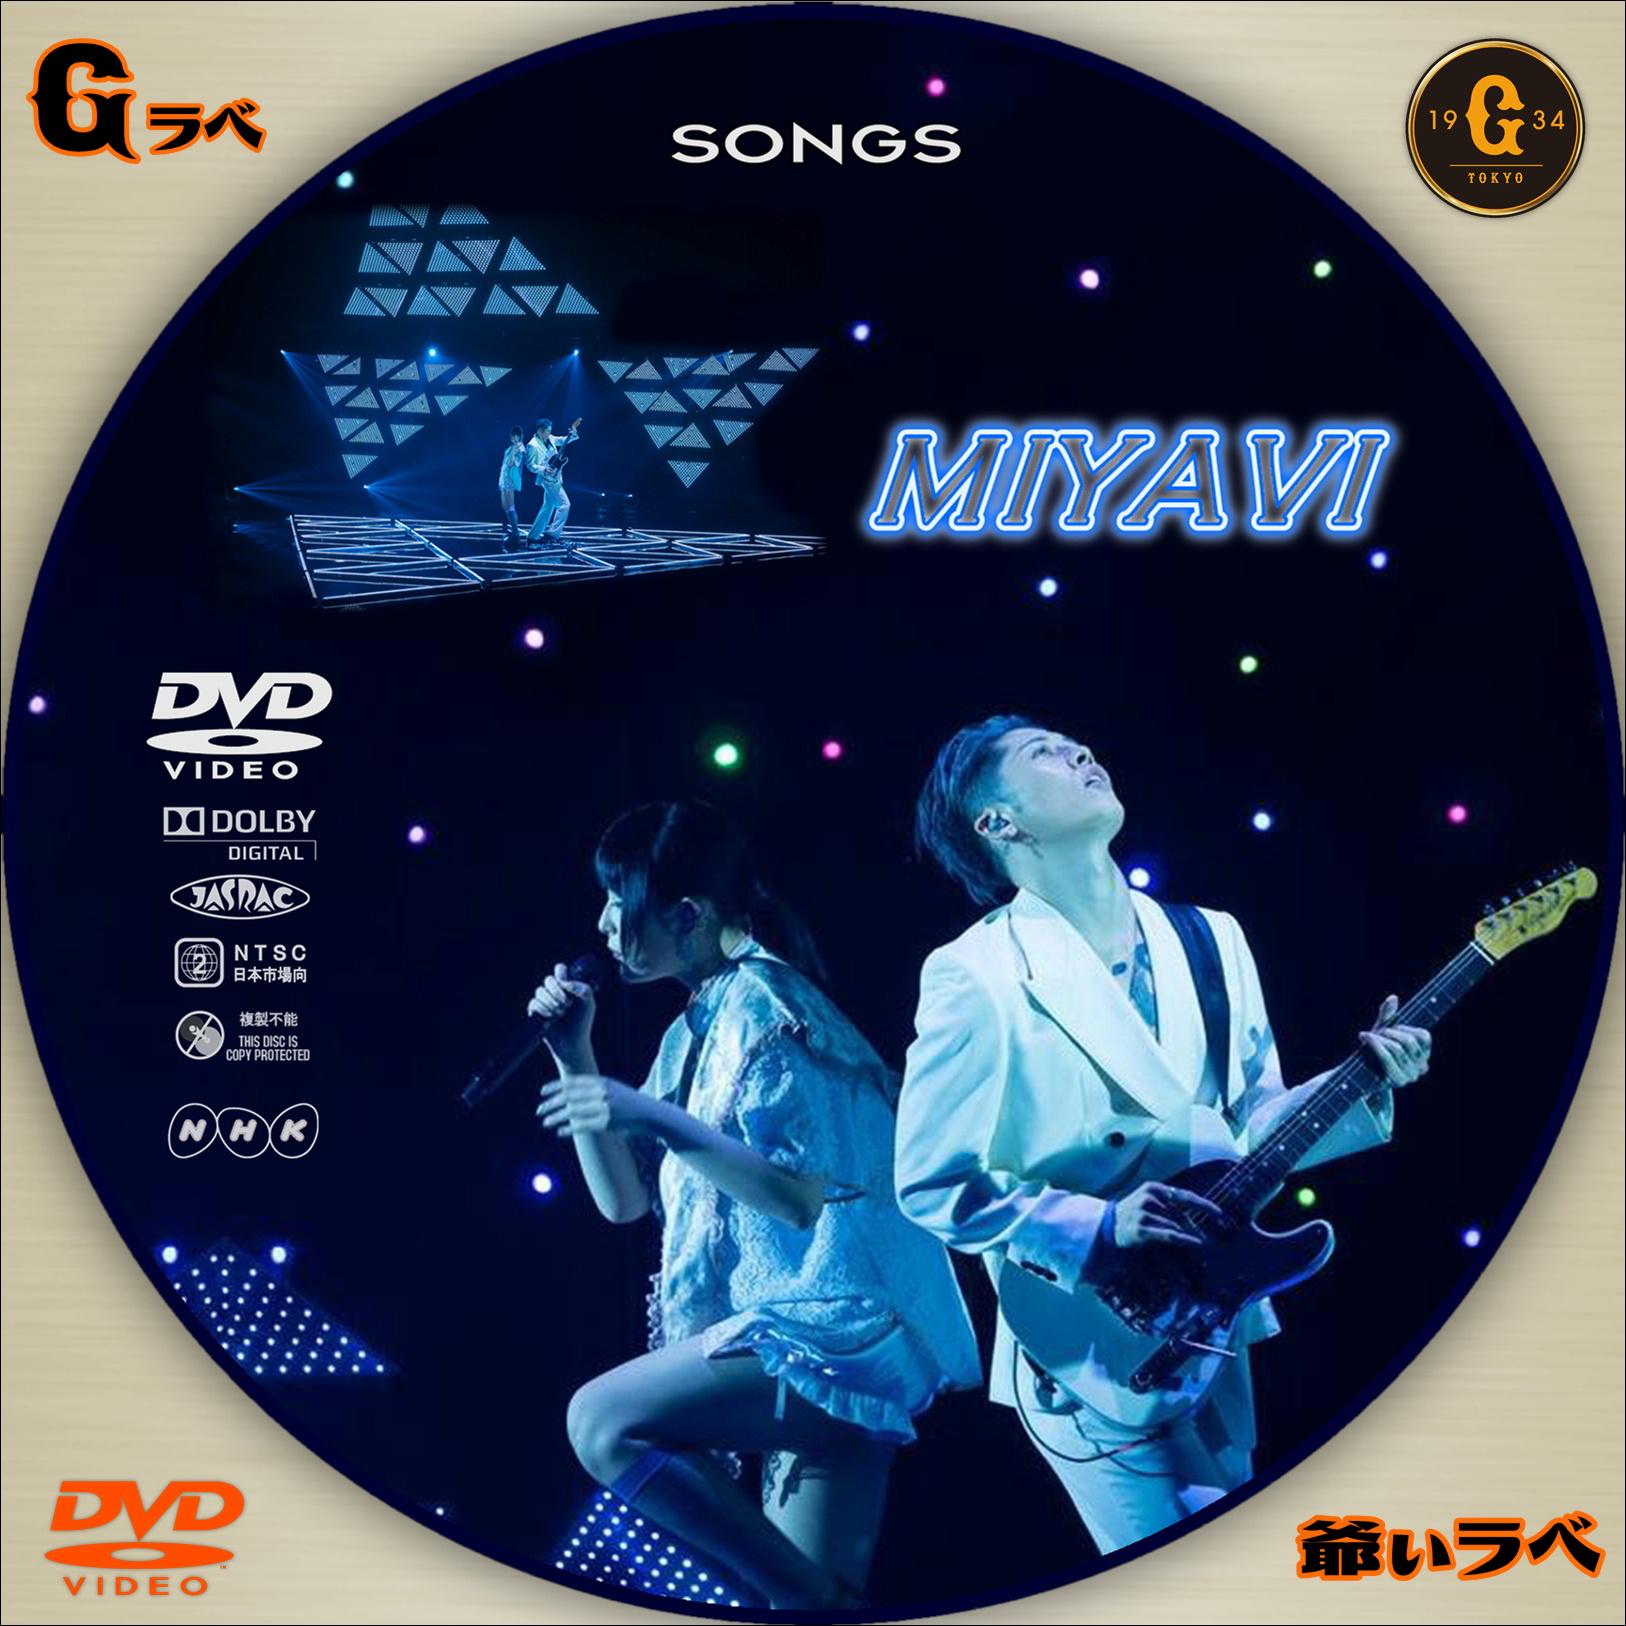 SONGS MIYAVI(DVD)